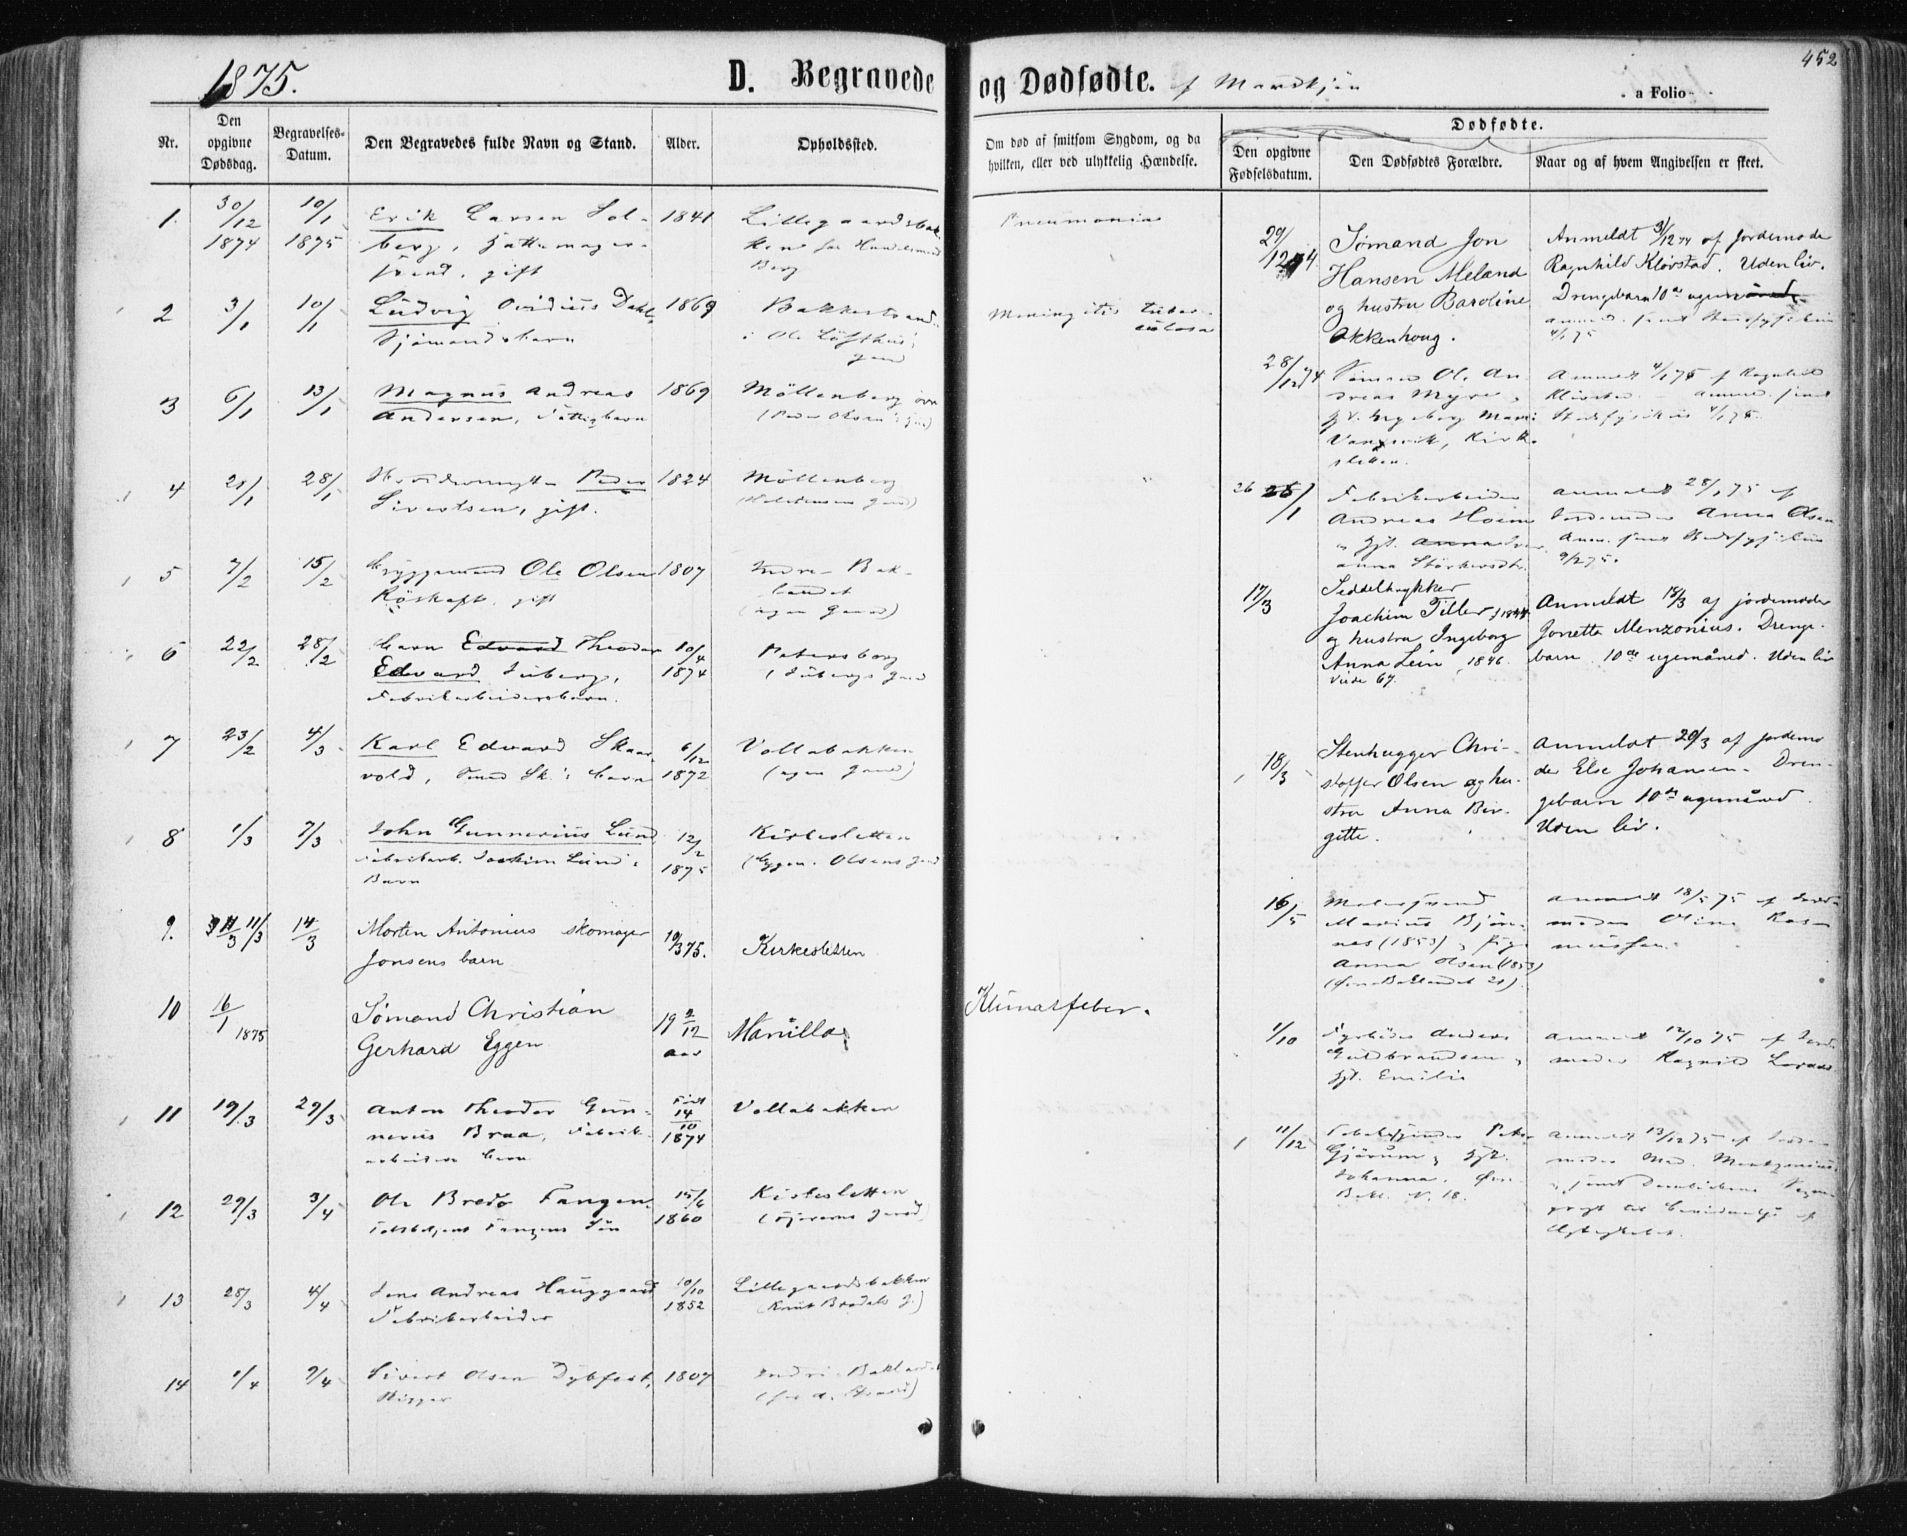 SAT, Ministerialprotokoller, klokkerbøker og fødselsregistre - Sør-Trøndelag, 604/L0186: Ministerialbok nr. 604A07, 1866-1877, s. 452